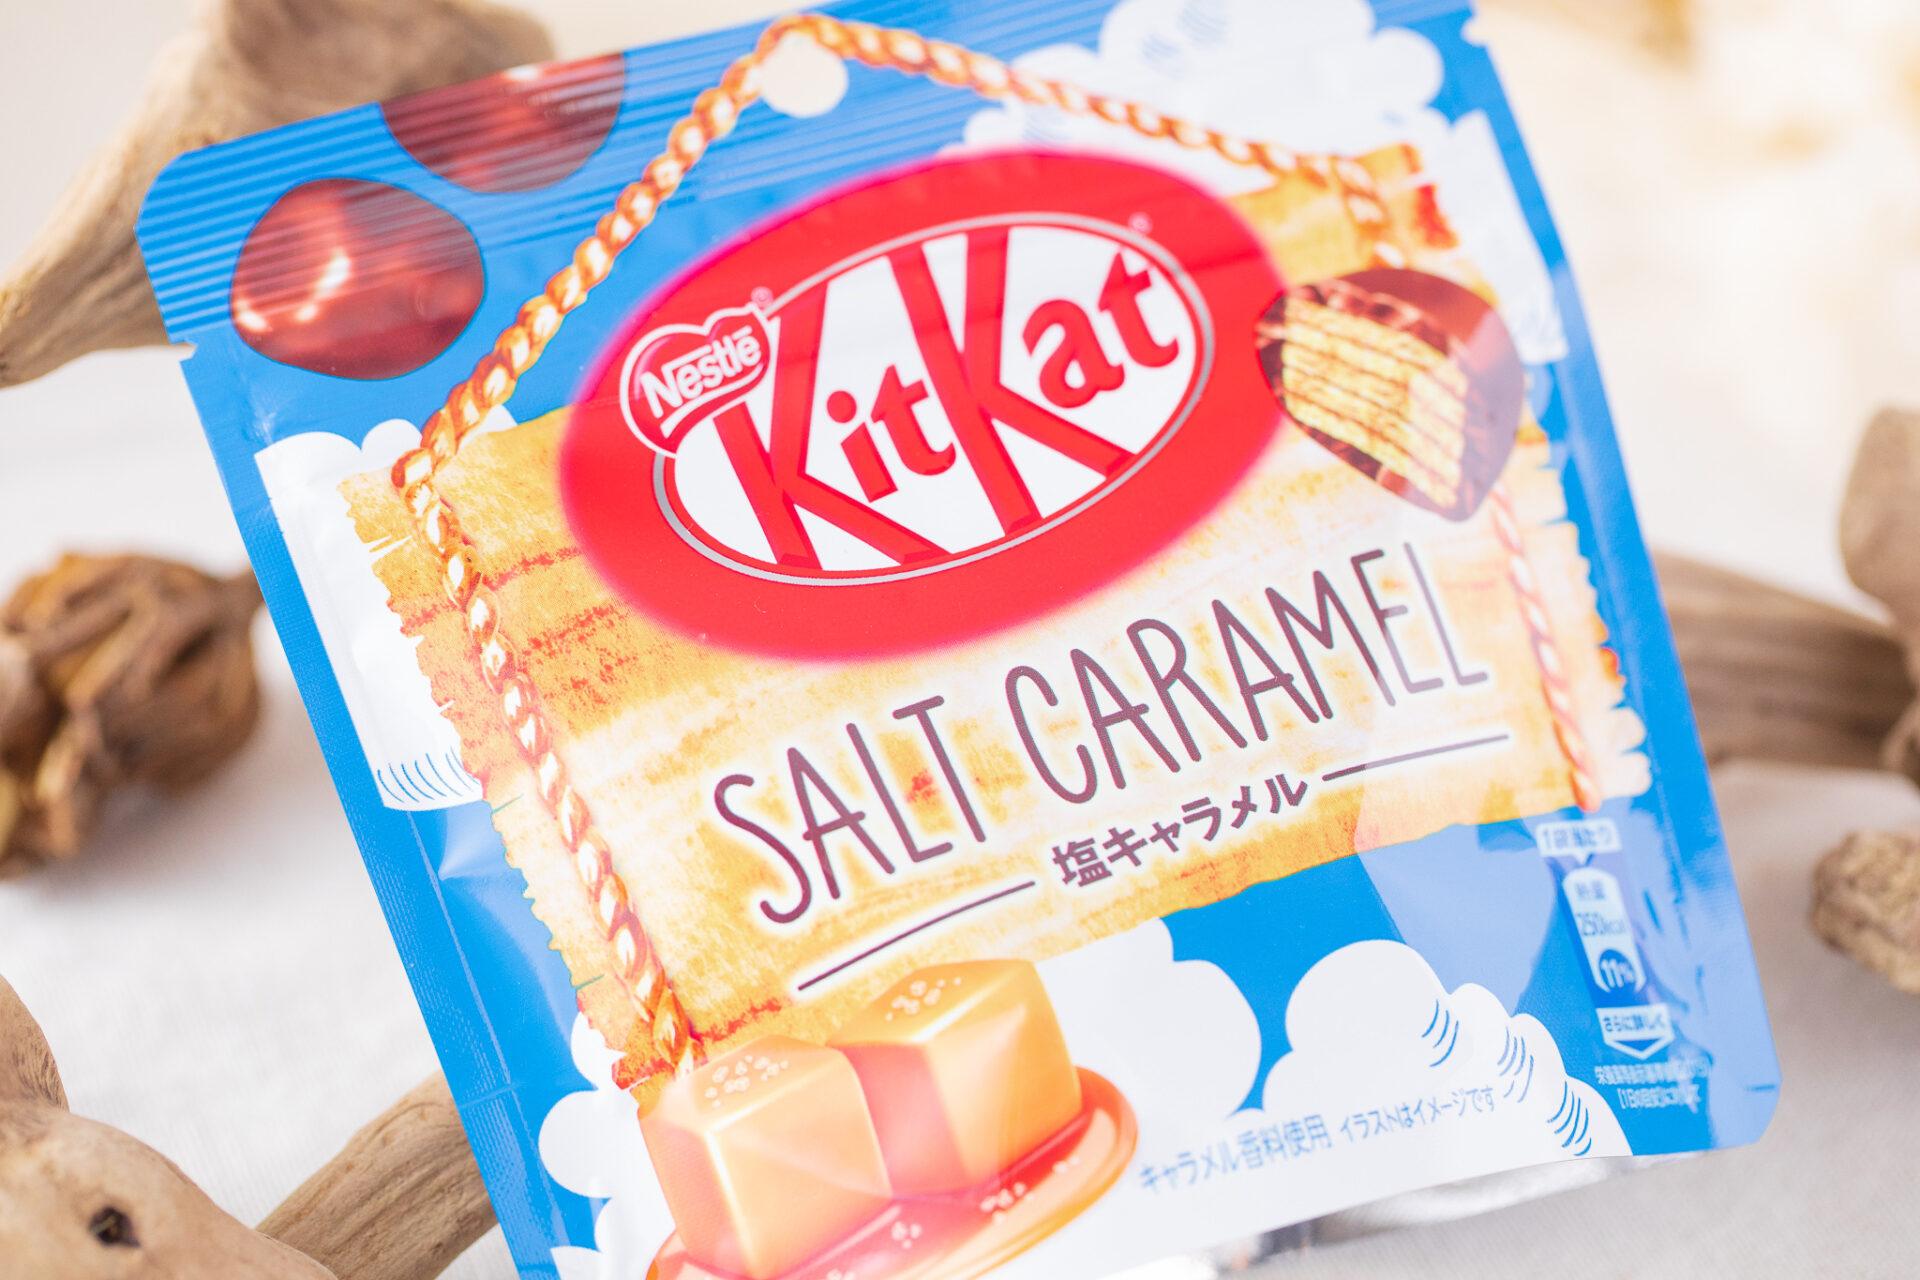 ネスレ『キットカット 塩キャラメルパウチ』